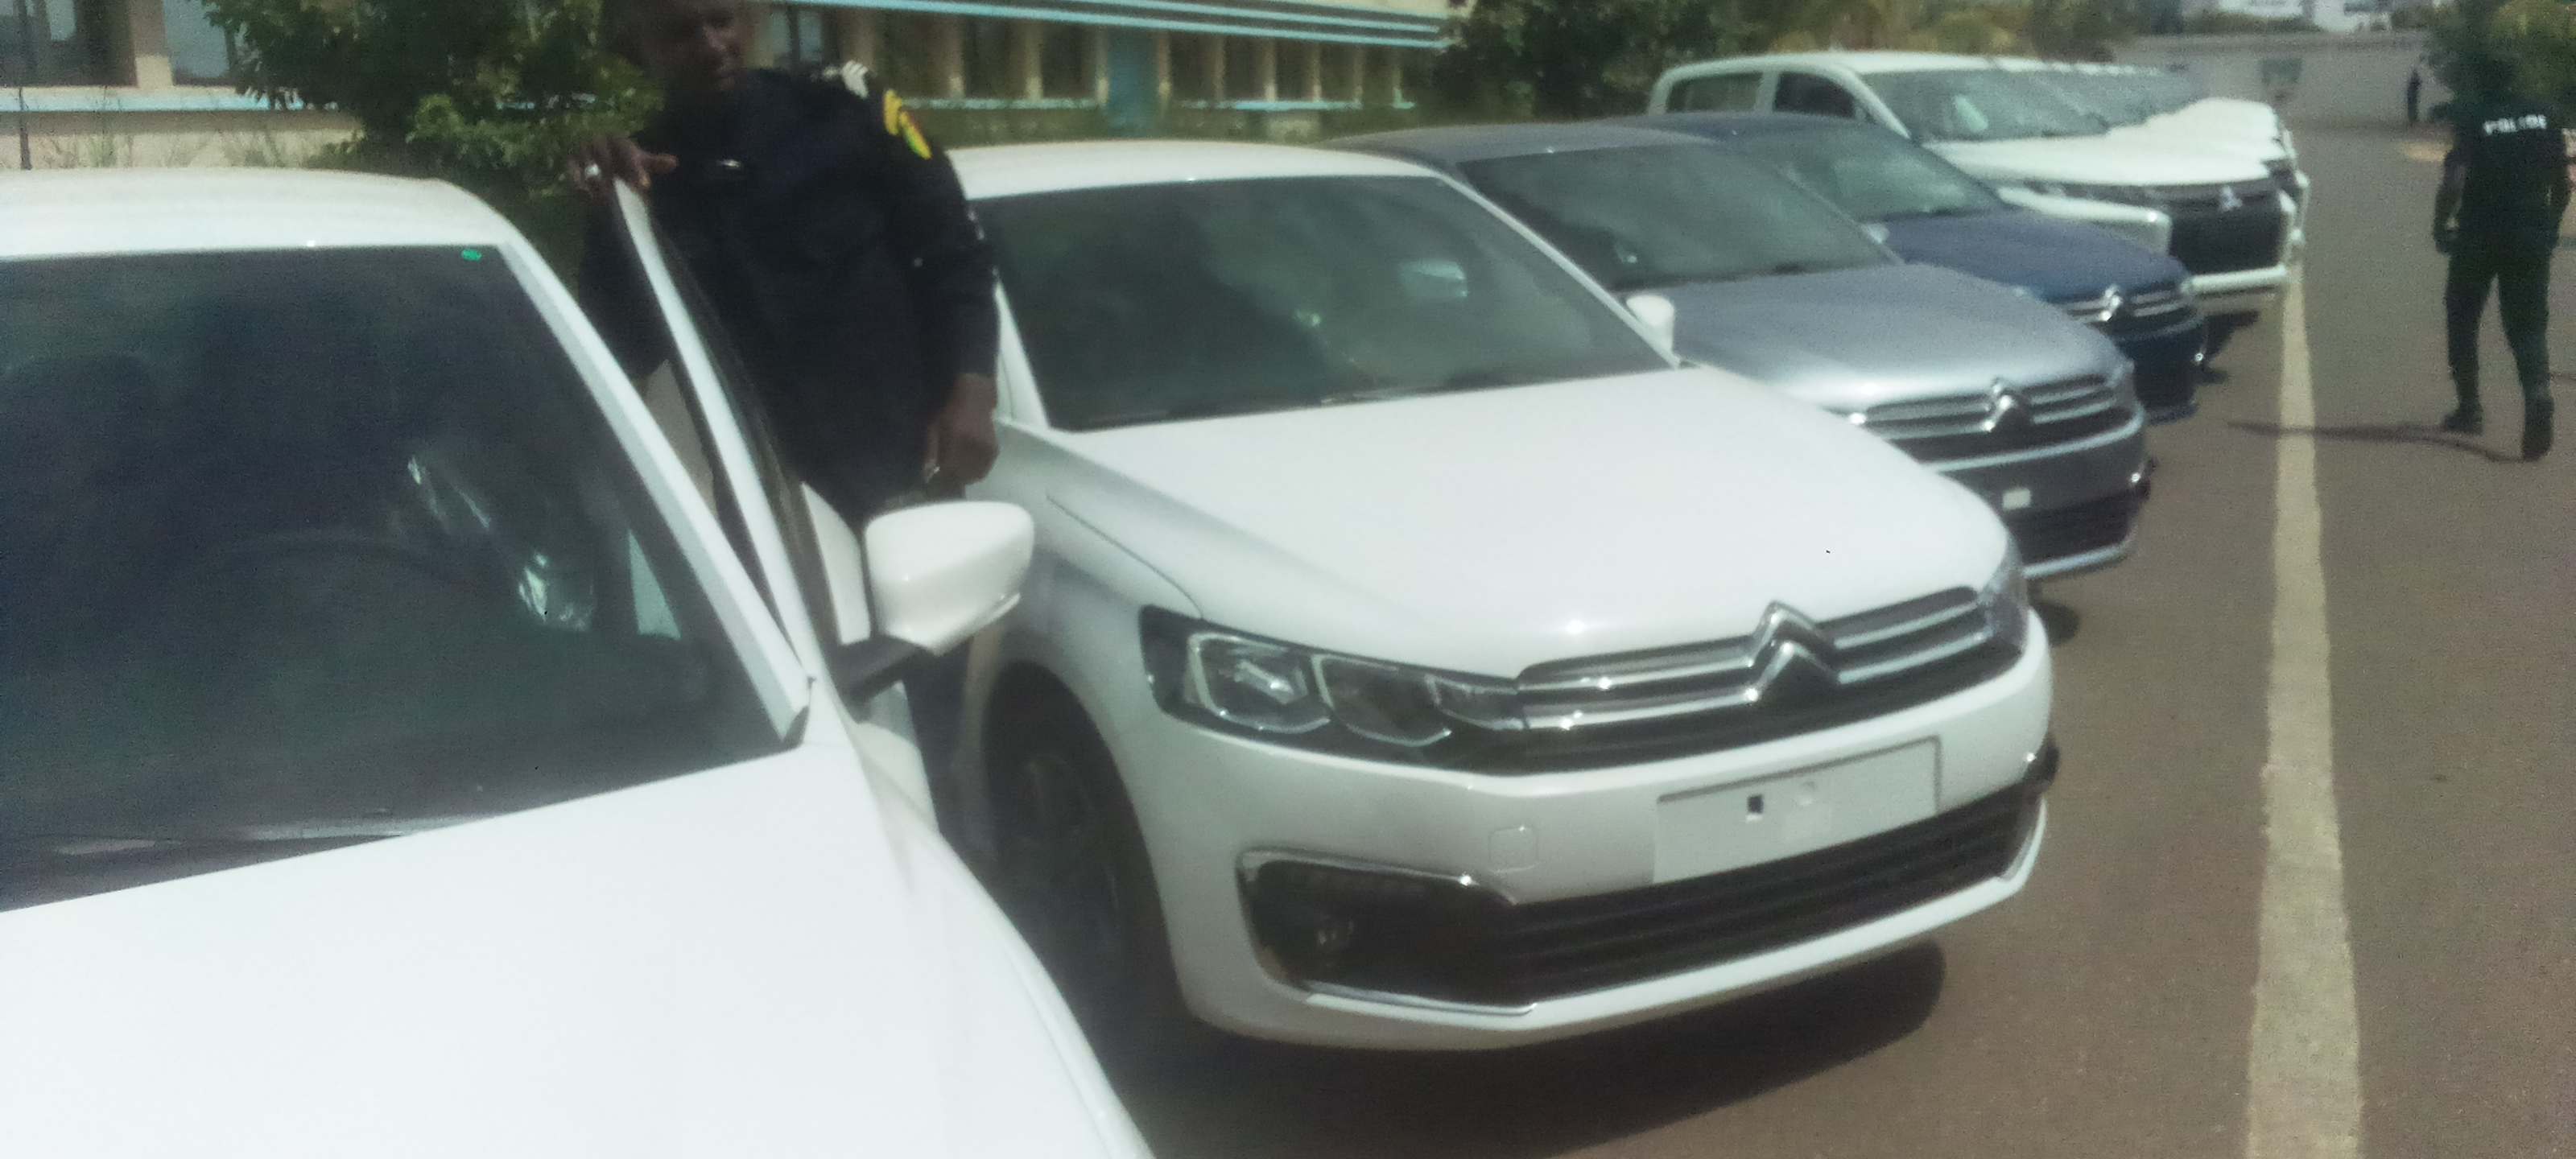 Lutte contre la traite des personnes et le trafic de migrants au Sénégal : La police dotée de véhicules par l'UE.